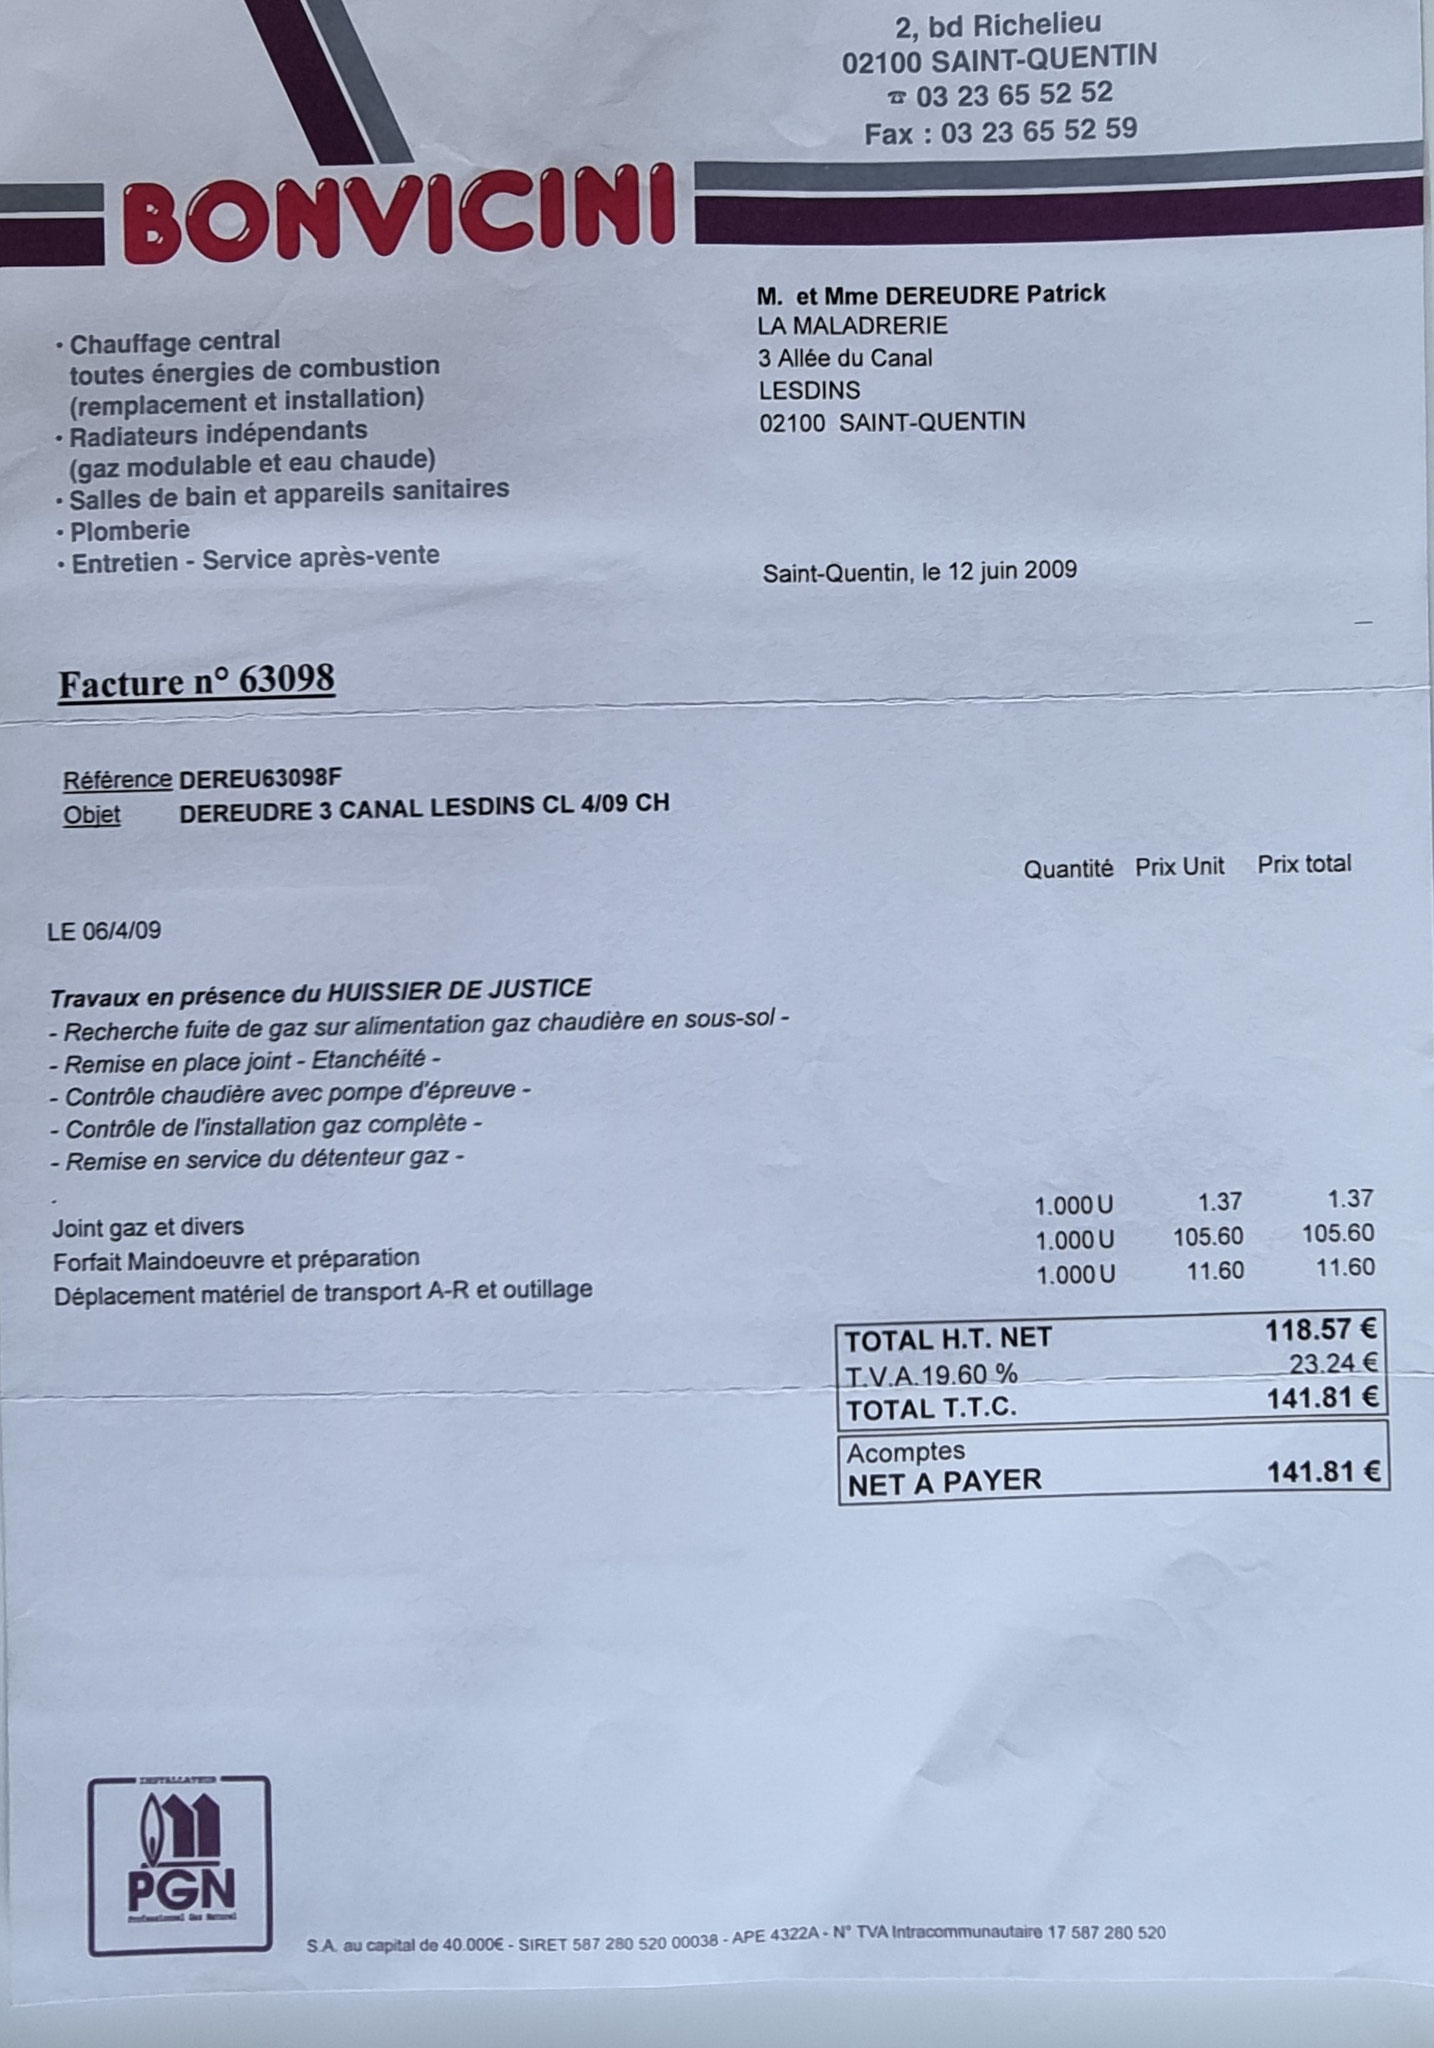 Le 12 Juin 2009, je reçois la facture de réparation mais rien n'est précisé.    LA LOI DU SILENCE ENTRE CONFRERES www.jesuispatrick.fr www.jesuisvictime.fr